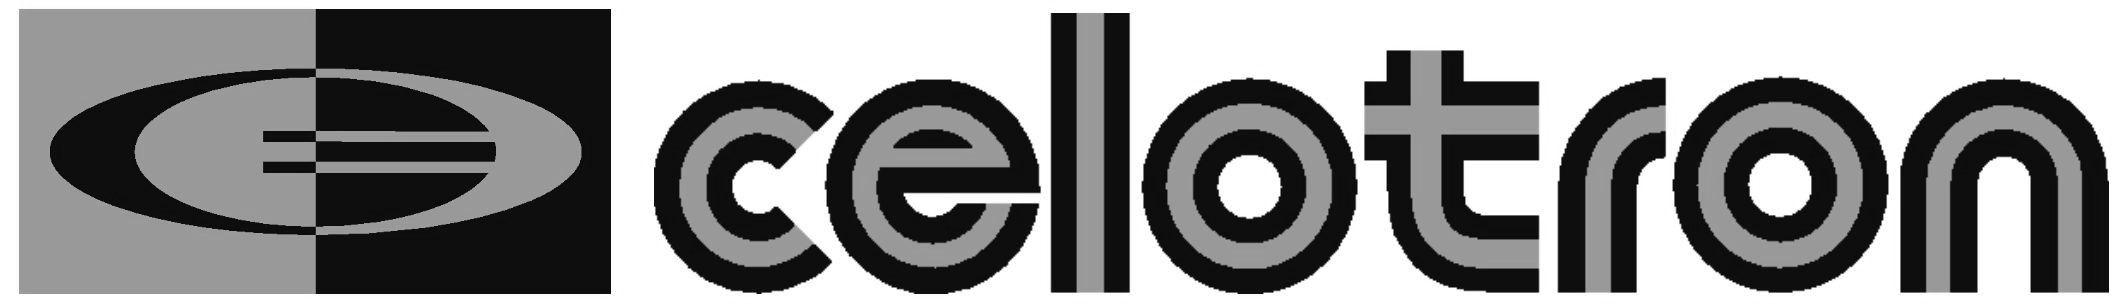 Celotron